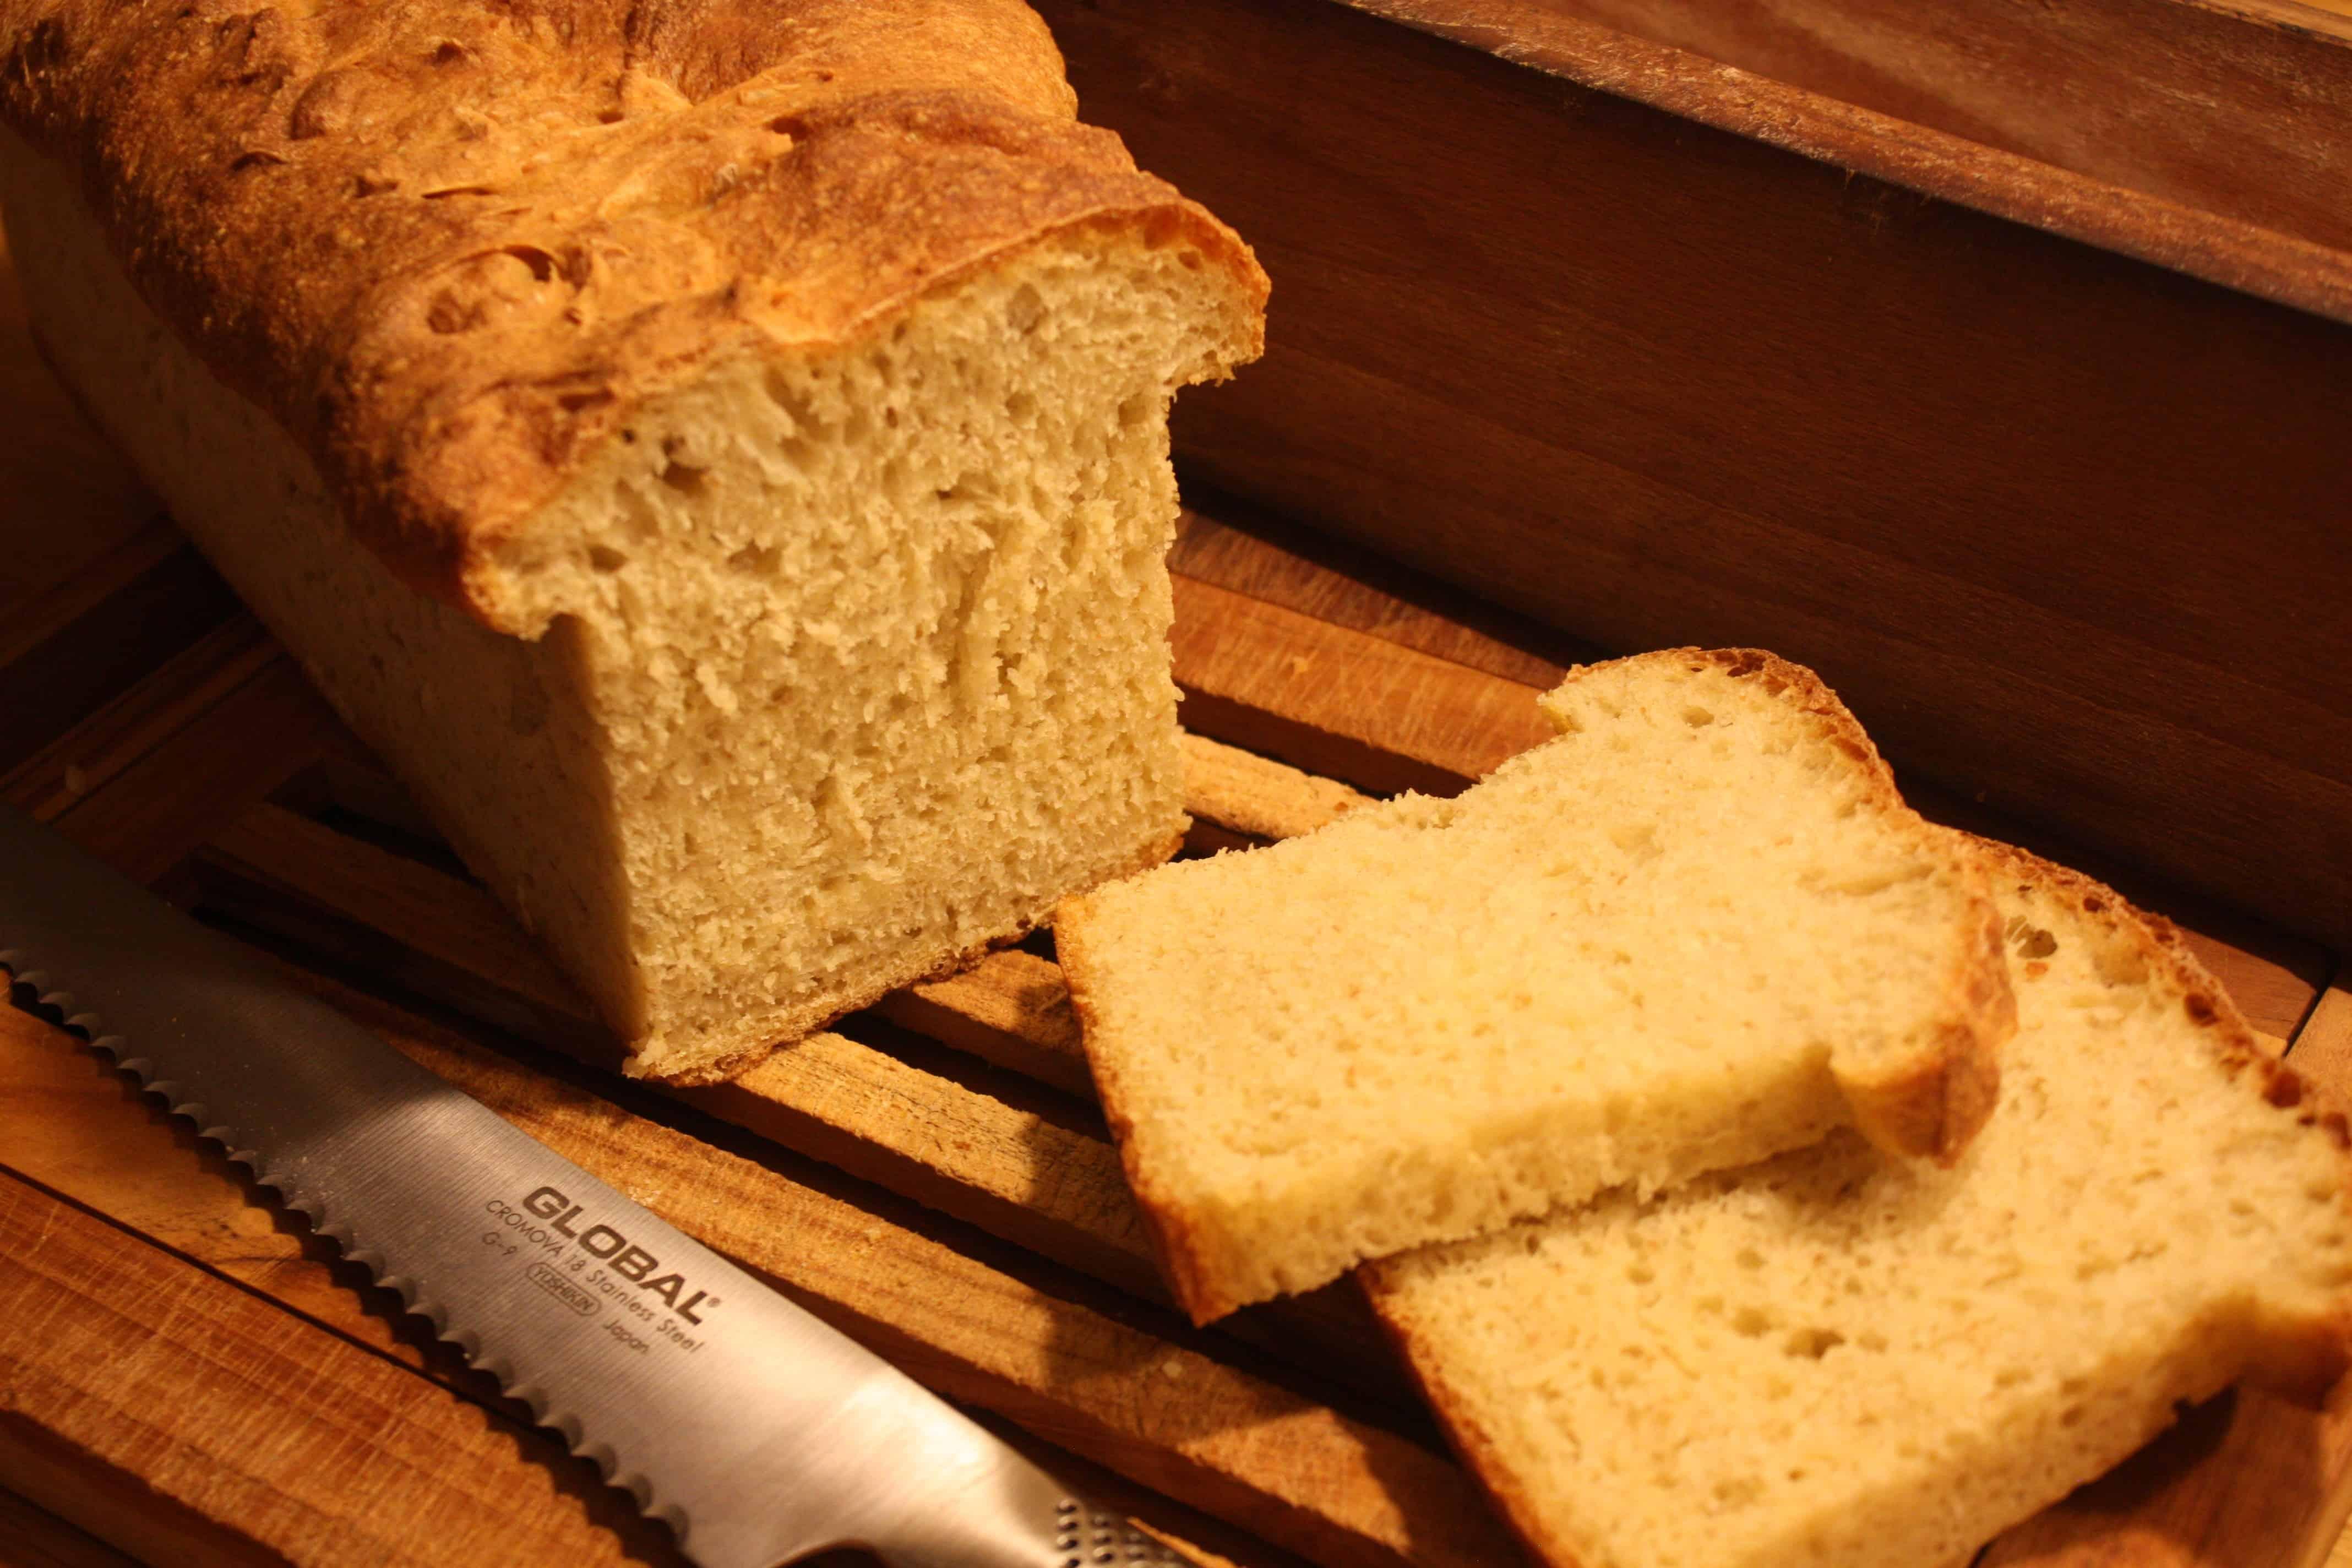 Semolinabrød- bagt i træform